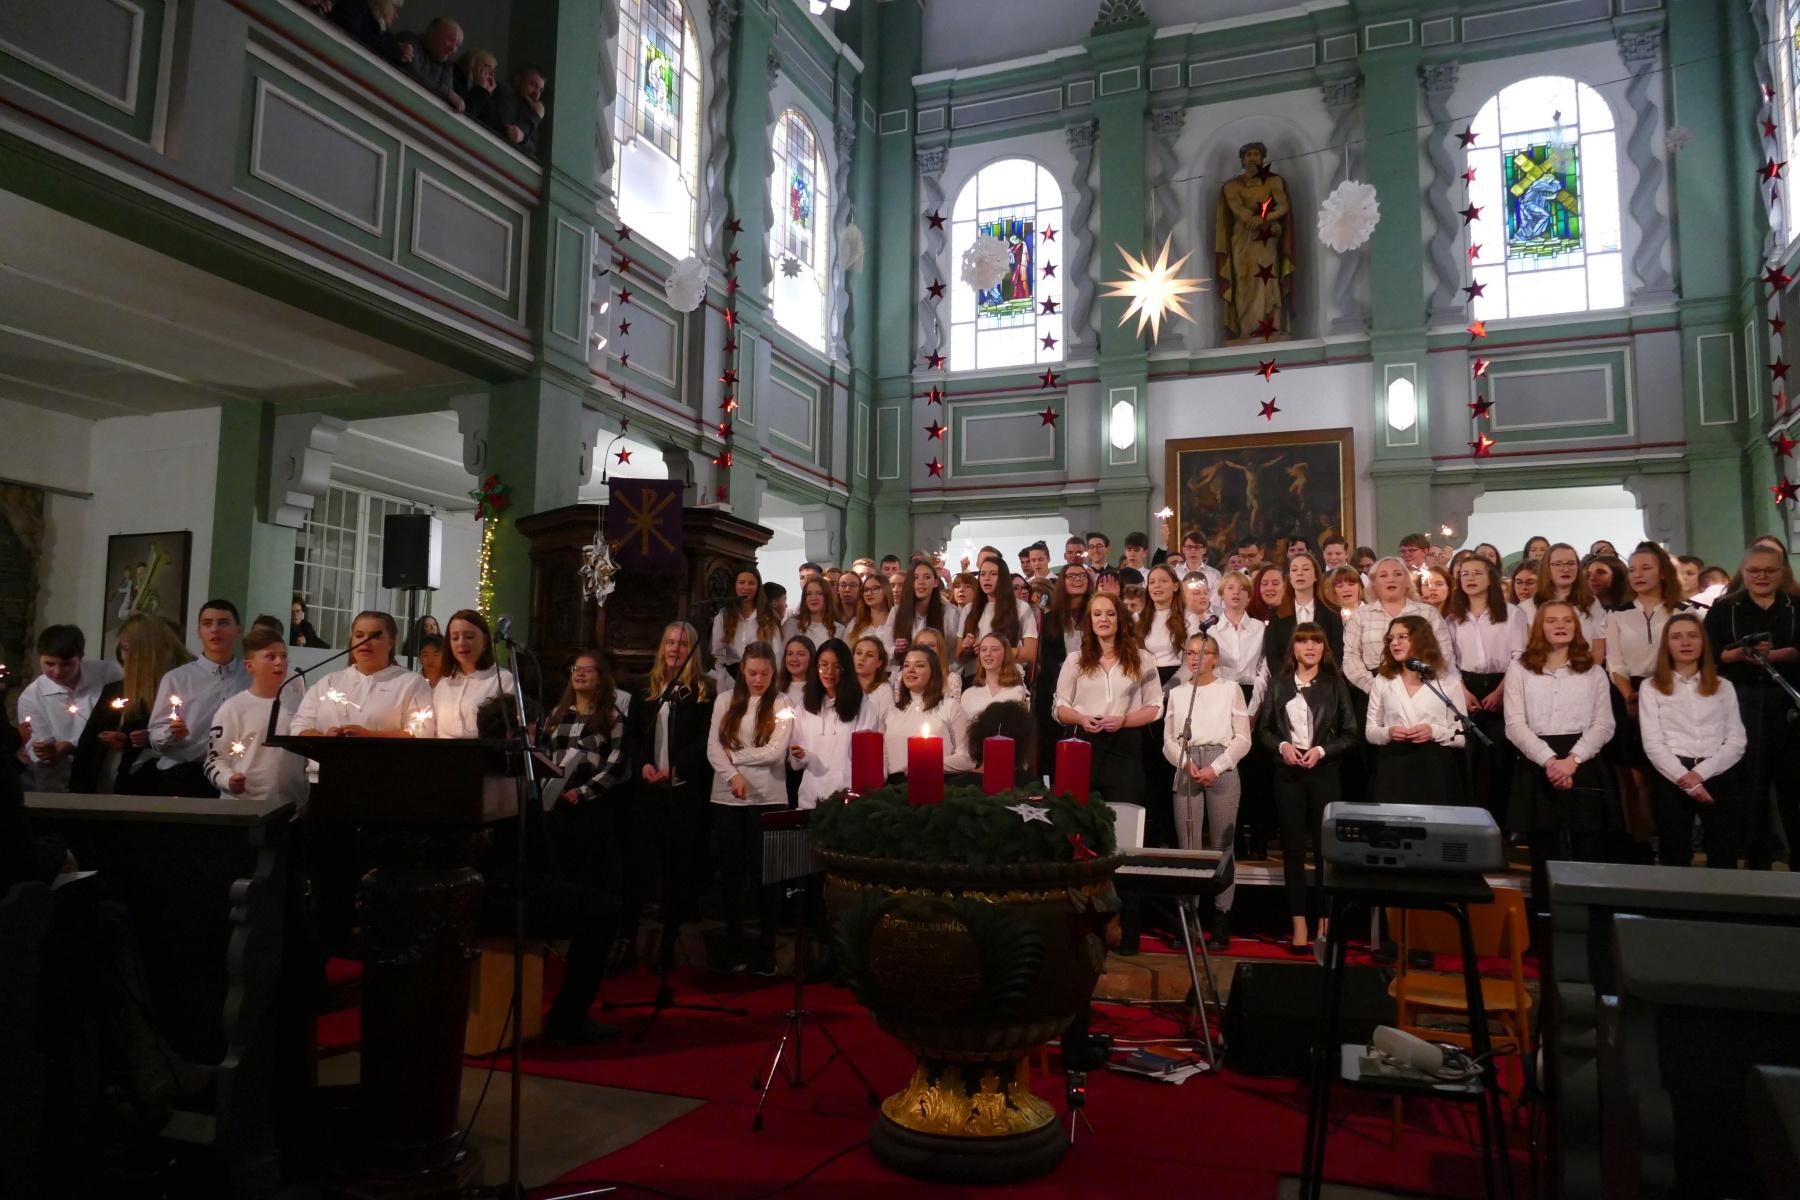 27. Weihnachtskonzert des Gymnasiums Gleichense in der Trinitatiskirche